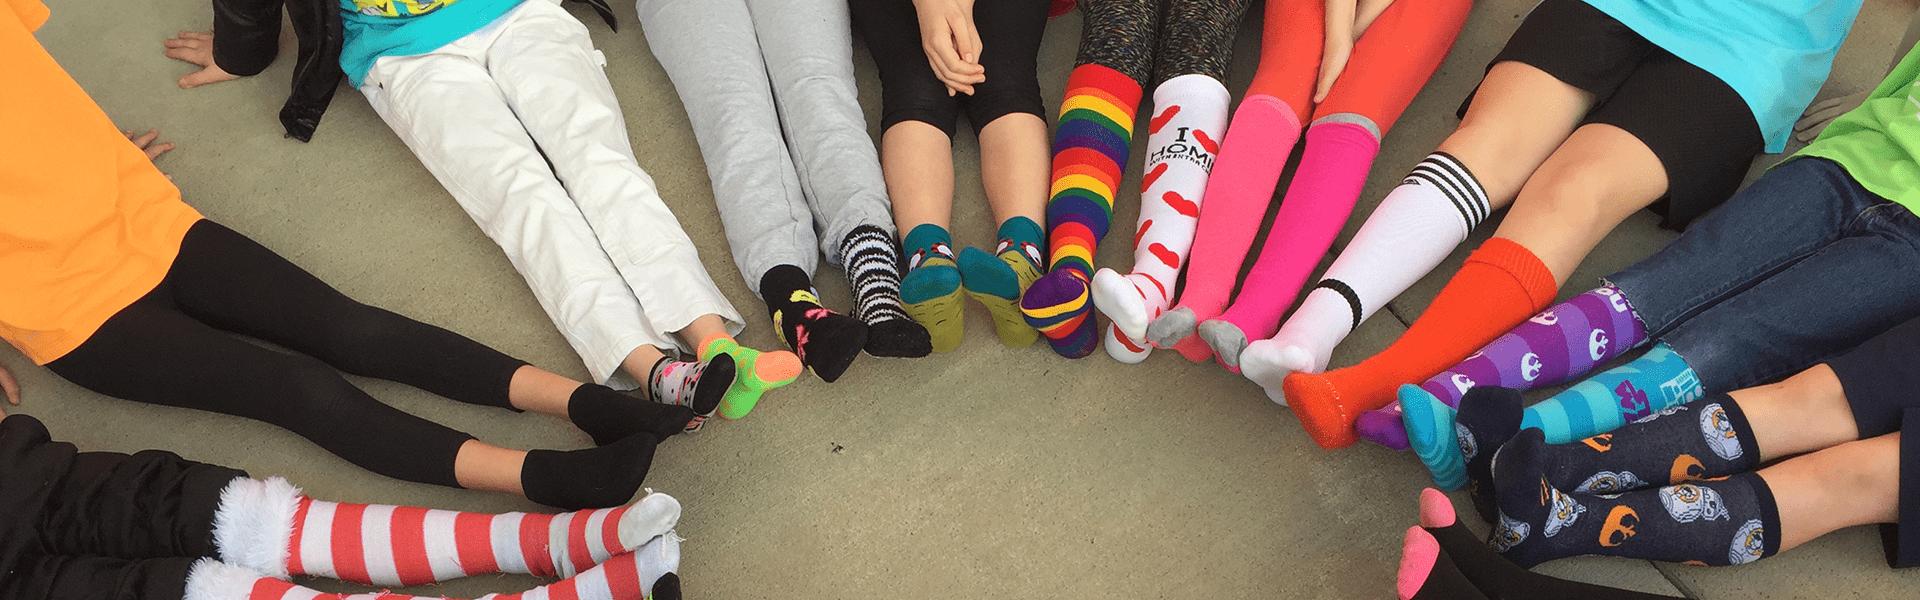 Socks Manufacturer